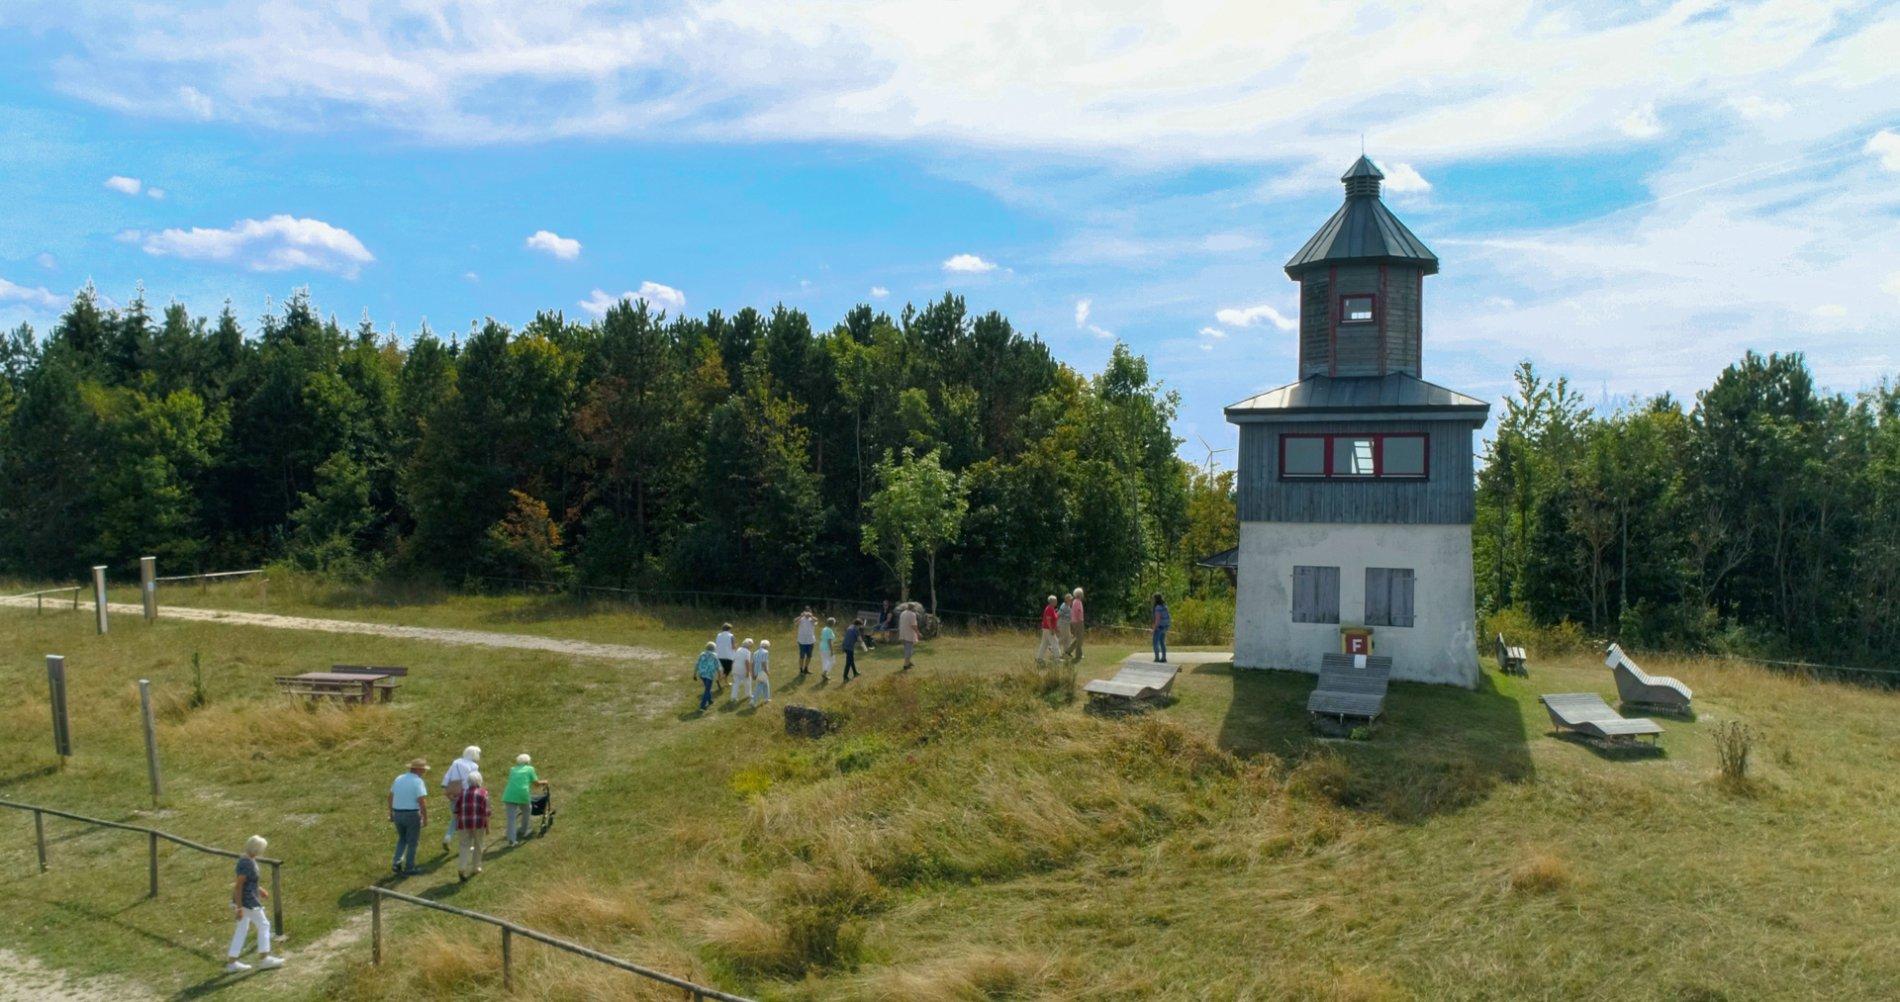 Eine Gruppe von Menschen läuft zum weiß-blauen Turm. Rund um den Turm stehen Holzliegen. Dahinter ist Wald. Am Himmel sind vereinzelt Wolkenschleier.